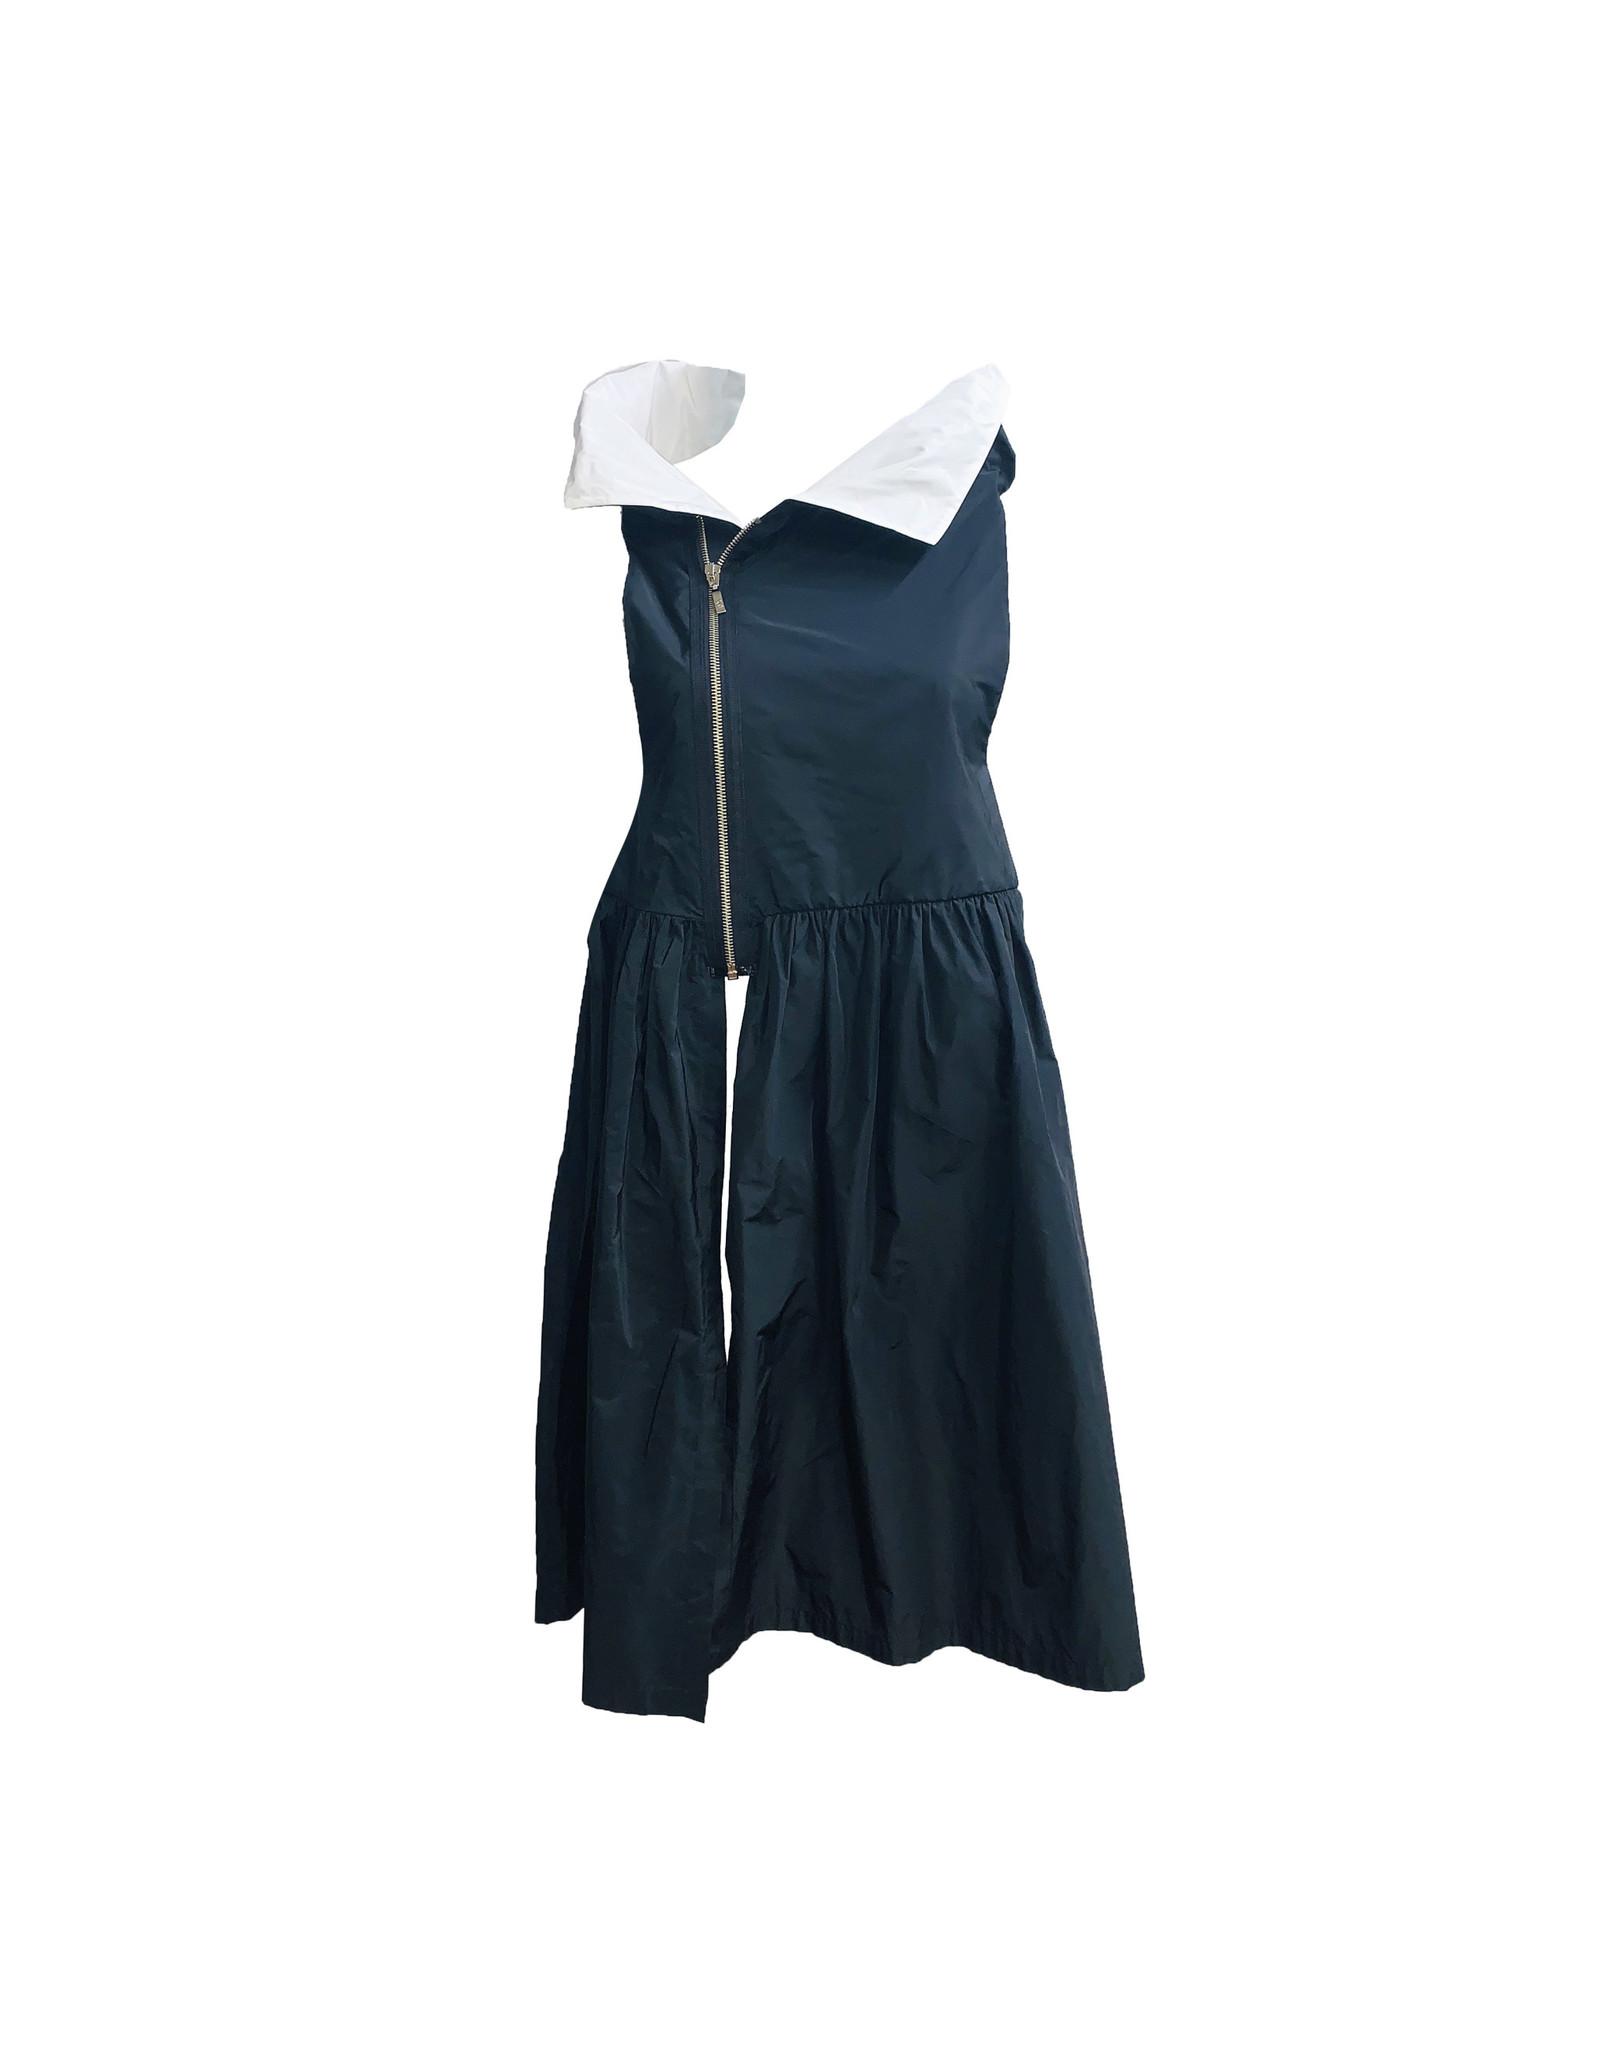 Xenia Xenia Cini Vest -Black/White